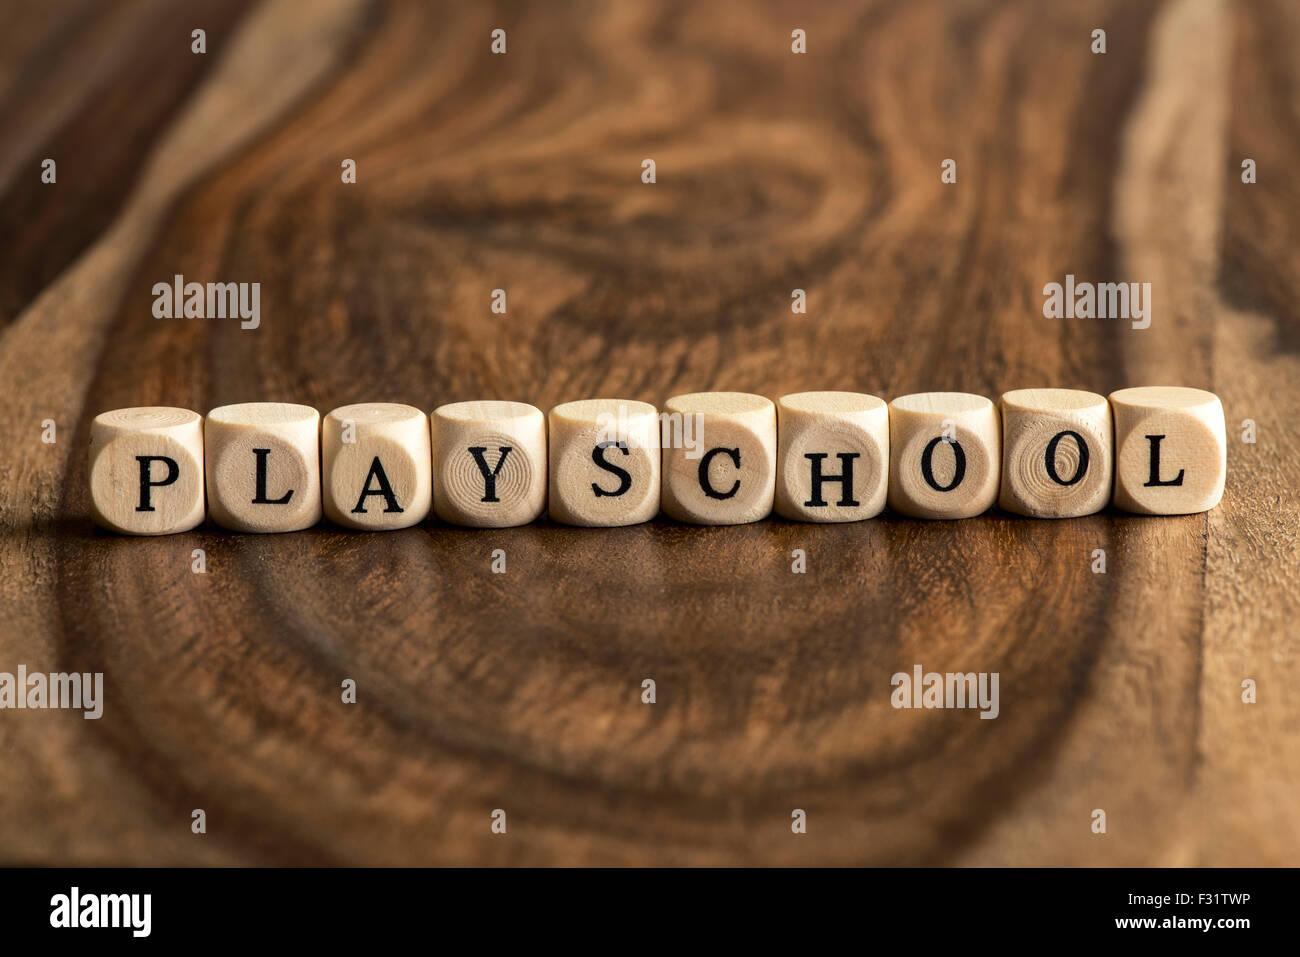 PLAYSCHOOL mot contexte sur des cales en bois Photo Stock